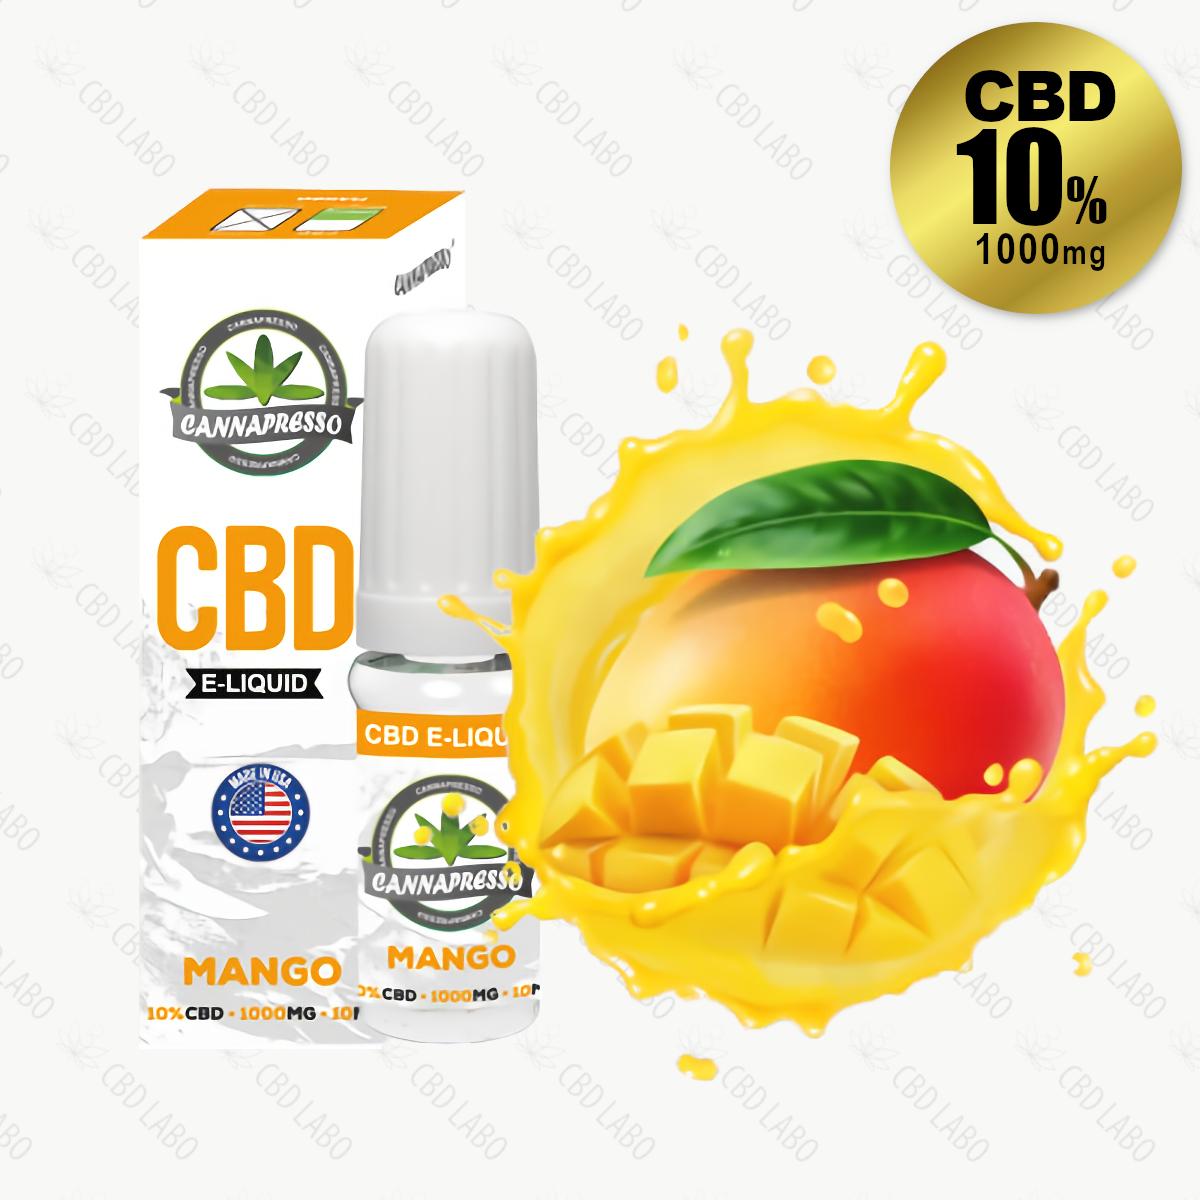 【送料無料】CANNAPRESSO CBDリキッド マンゴー 10ml CBD含有量1,000mg (10%)